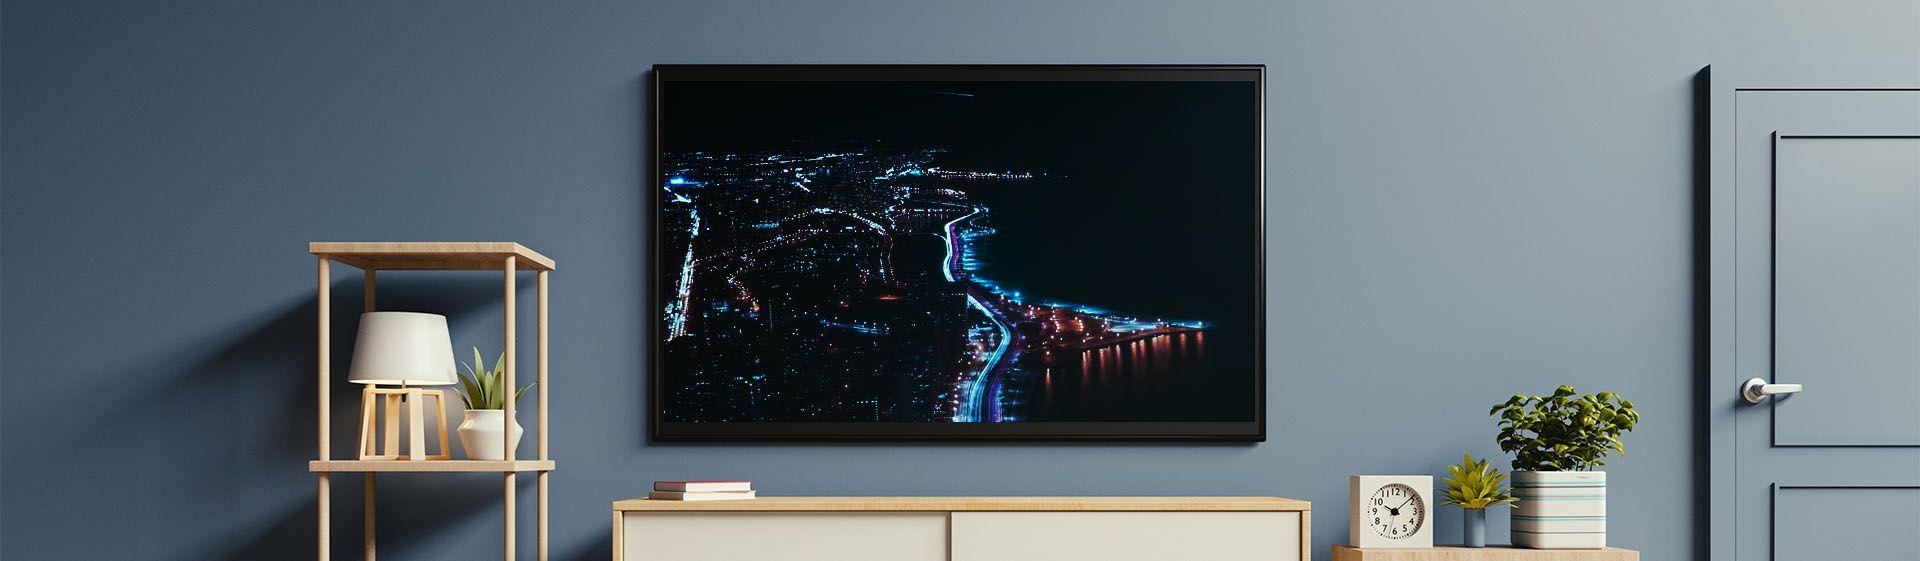 Melhor smart TV 50 polegadas 2020: Samsung lidera a lista